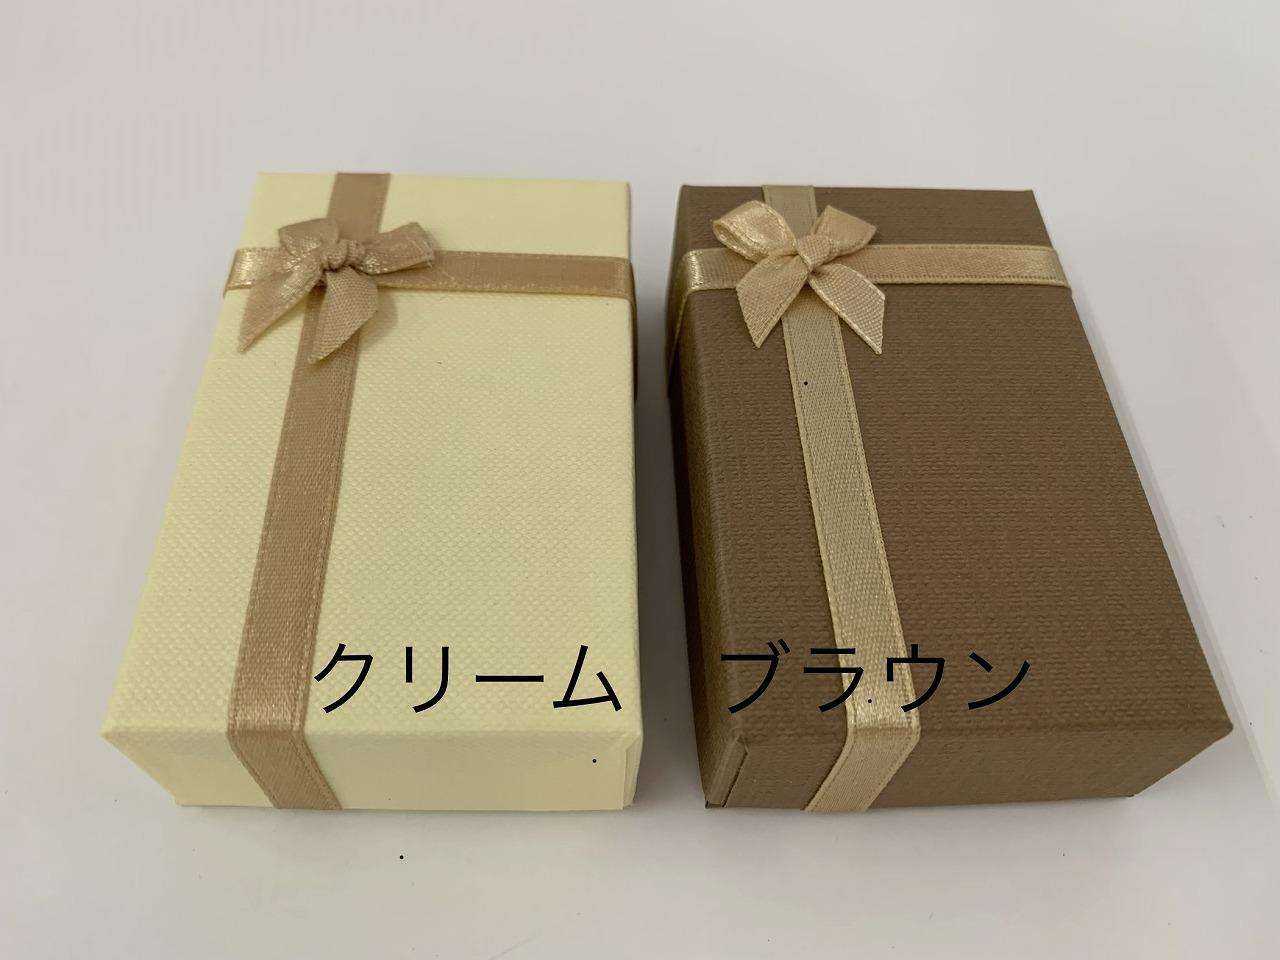 〔No.8740〕ネック用リボンBOX・12個入り(ブラウン・クリーム)